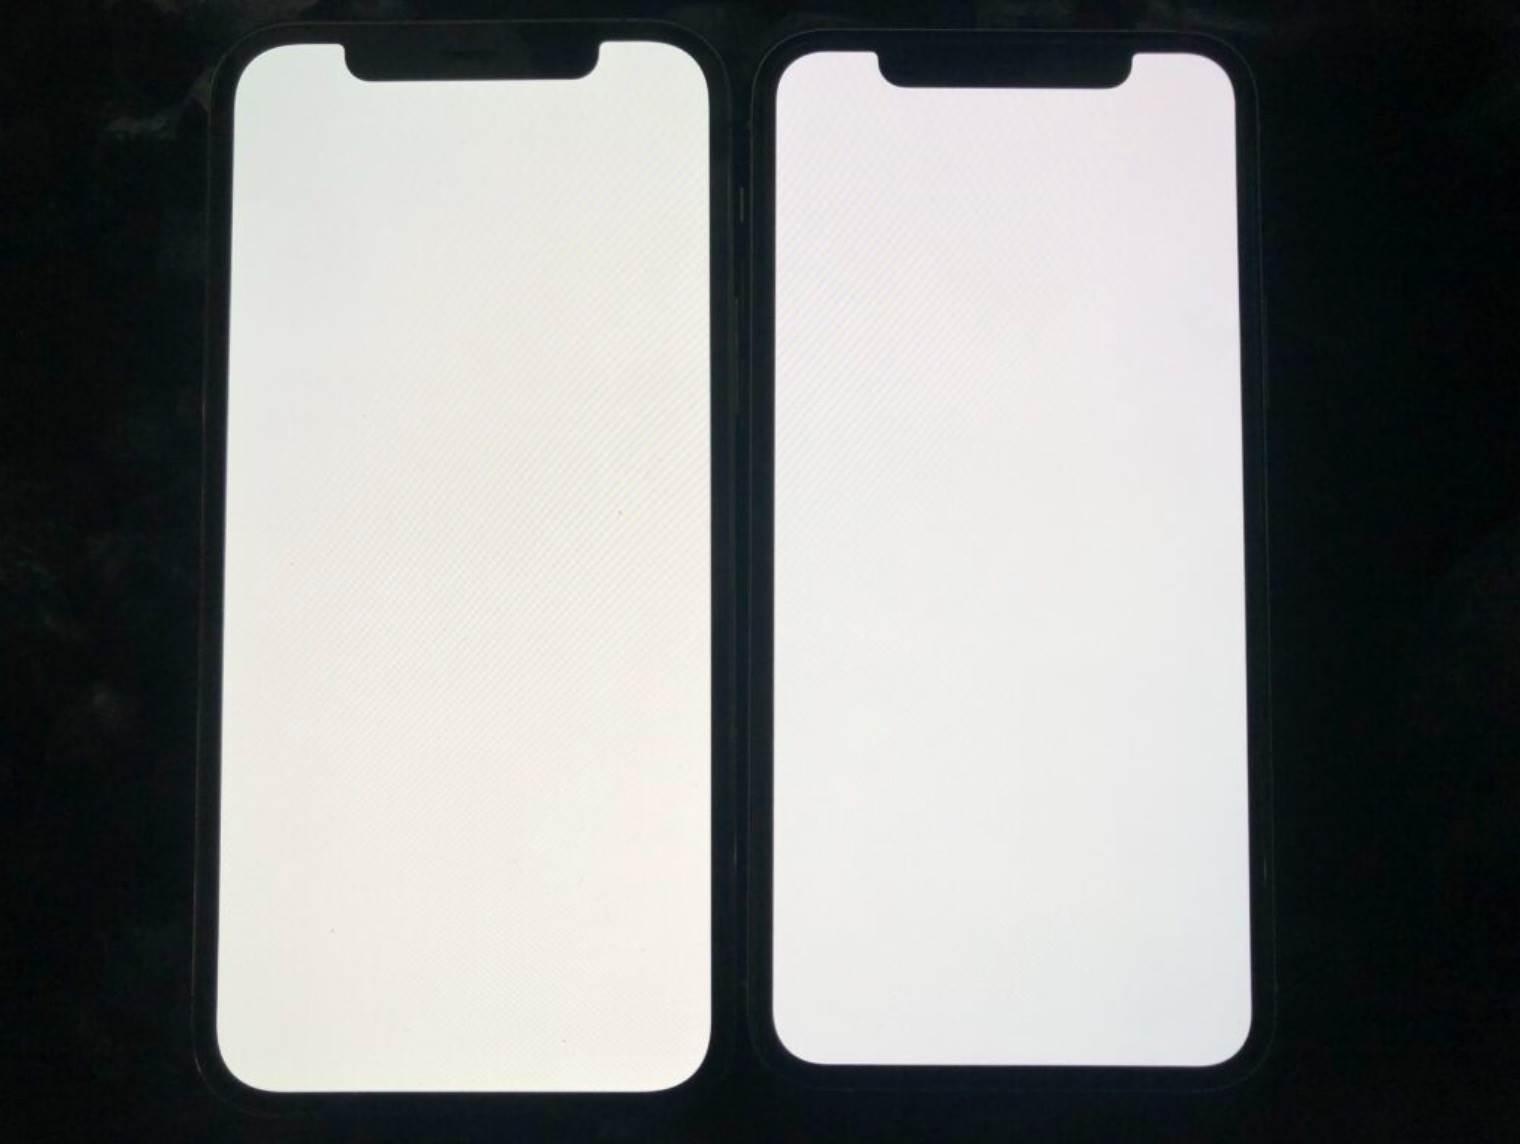 Czy ekran iPhone 12 / 12 Pro jest zbyt ?żółty?? polecane, ciekawostki żółty ekran w iPhone 12, żółty ekran w iPhone 1 2 Pro, żółty ekran, zolty ekran w iPhone 12 Pro, zolty ekran w iPhone 12, zoltry ekran w iPhone 12, iPhone 12 Pro, iPhone 12, Ekran, Apple  Wygląda na to, że ekrany niektórych iPhone 12 i iPhone 12 Pro mają tendencję do cieplejszego i bardziej żółtawego profilu kolorów niż iPhone 11. iPhone12 zolty ekran